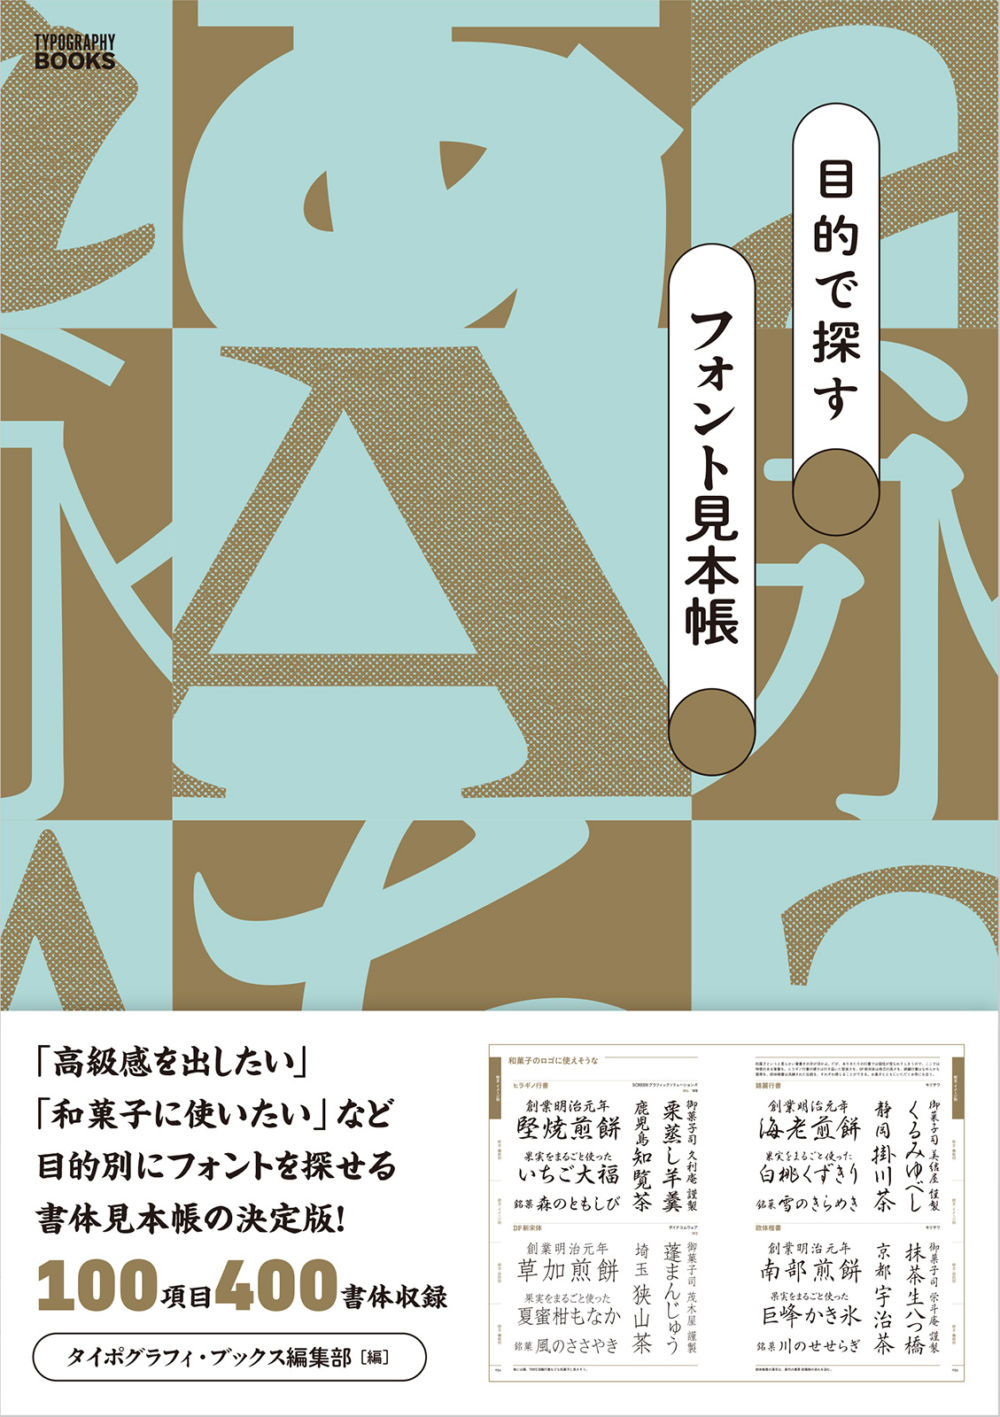 『目的で探すフォント見本帳(Typography Books)』